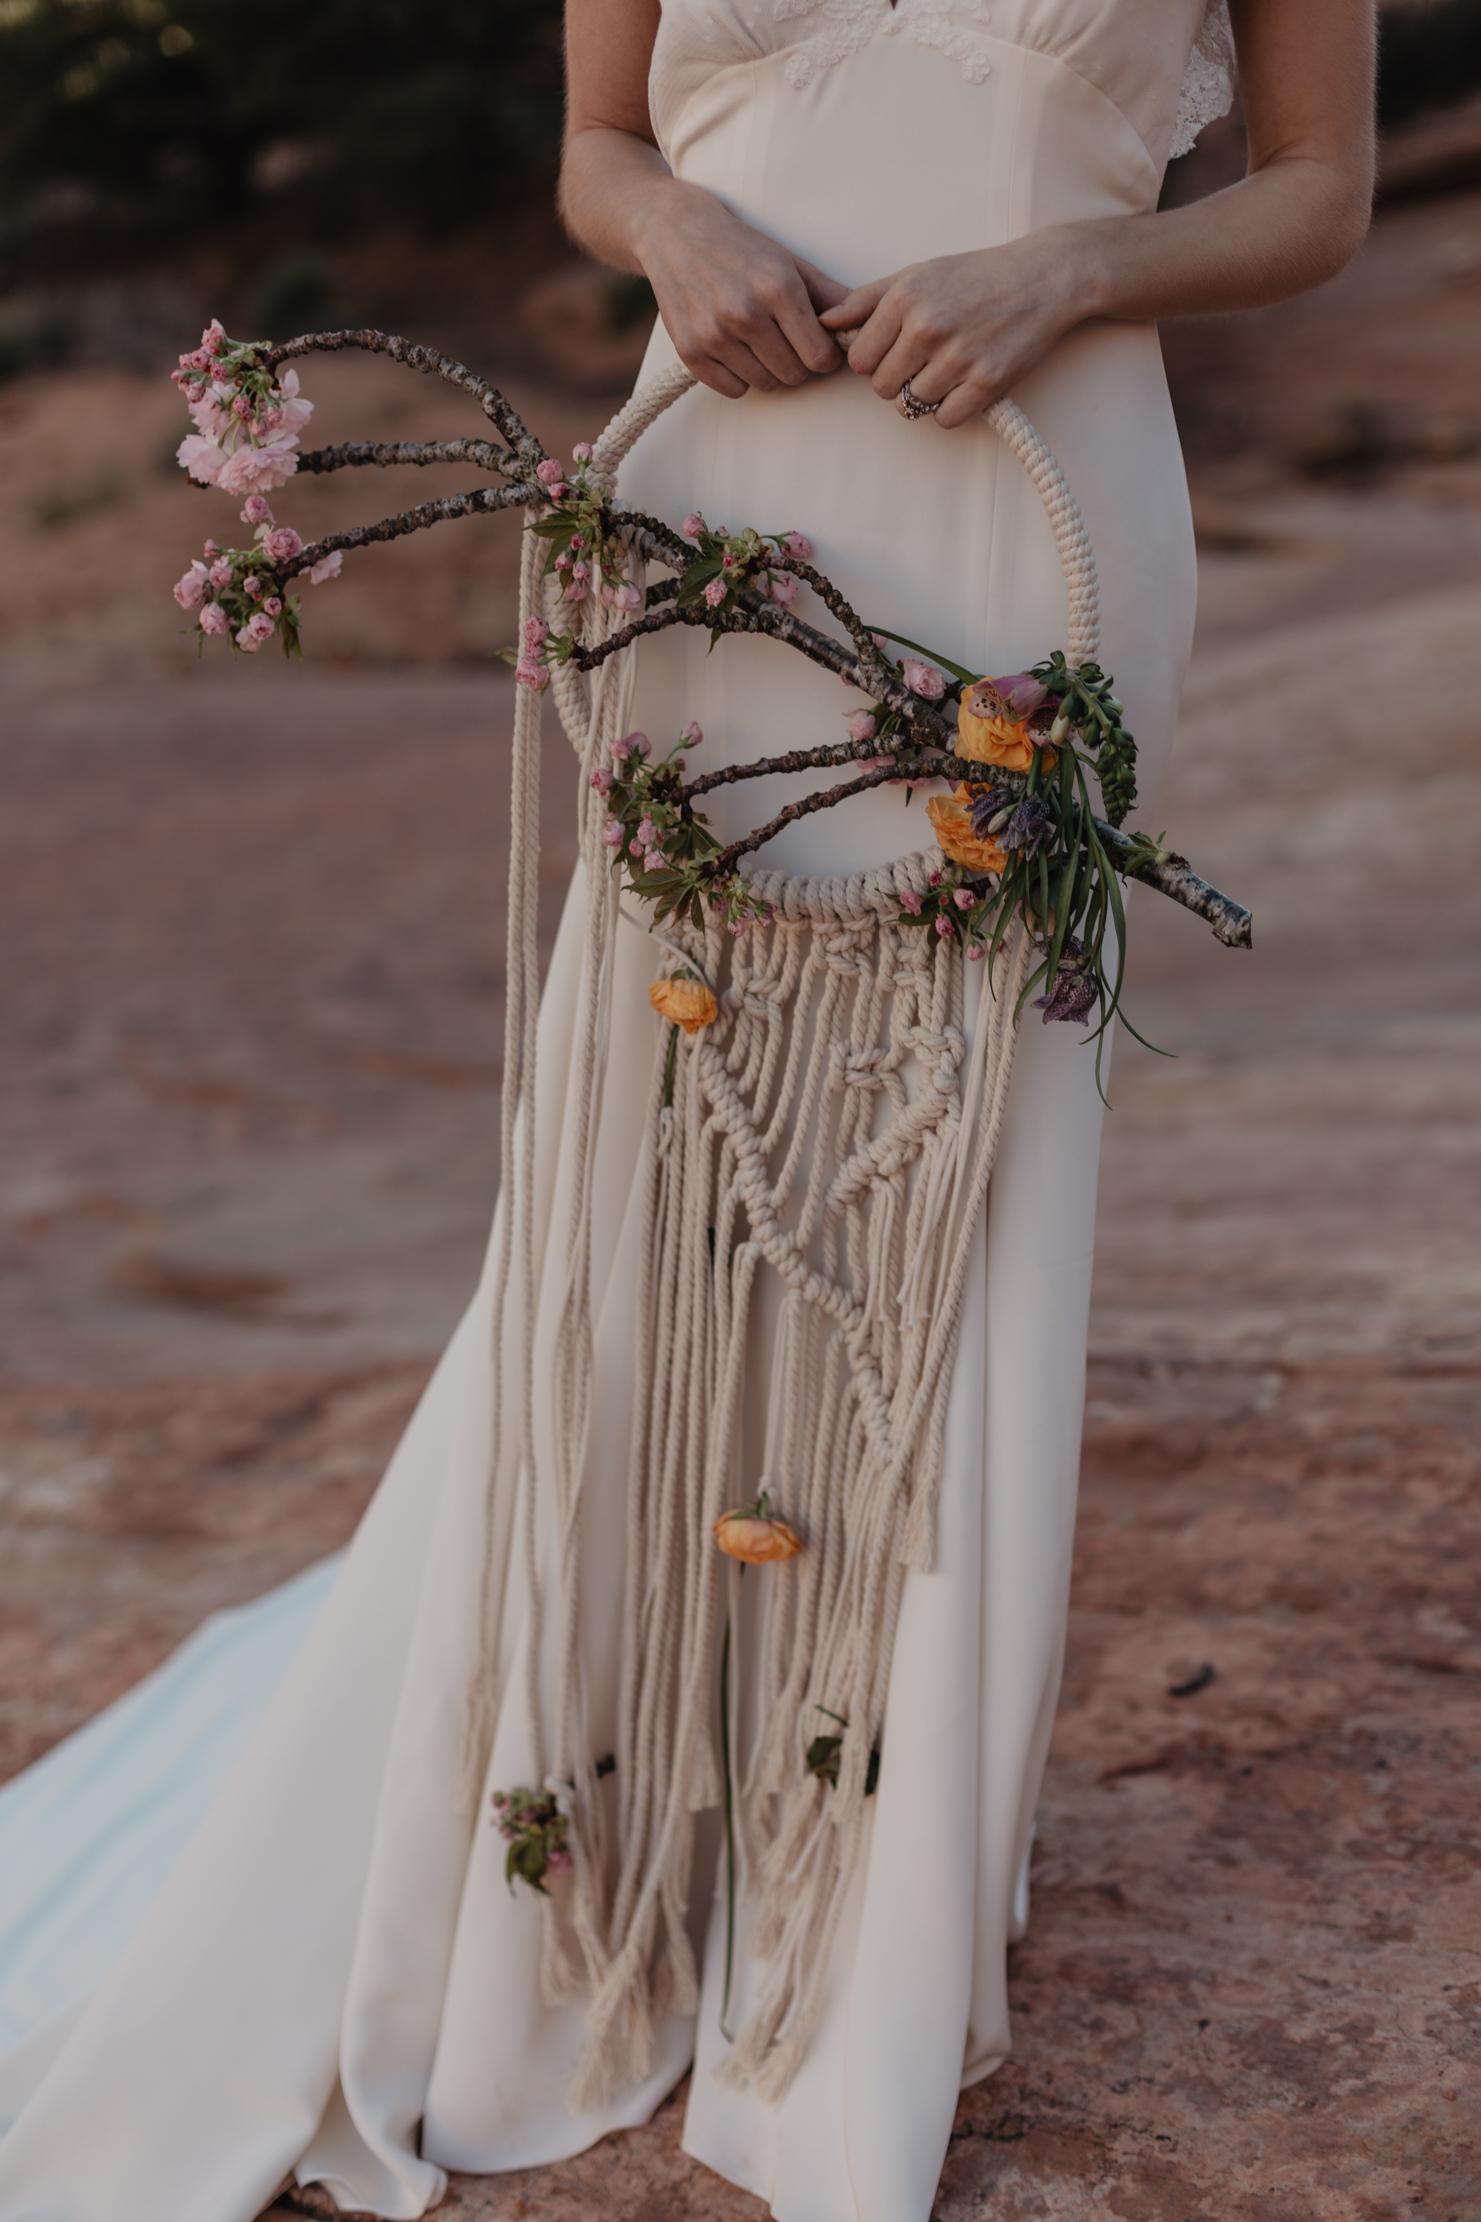 macramé hoop bouquet